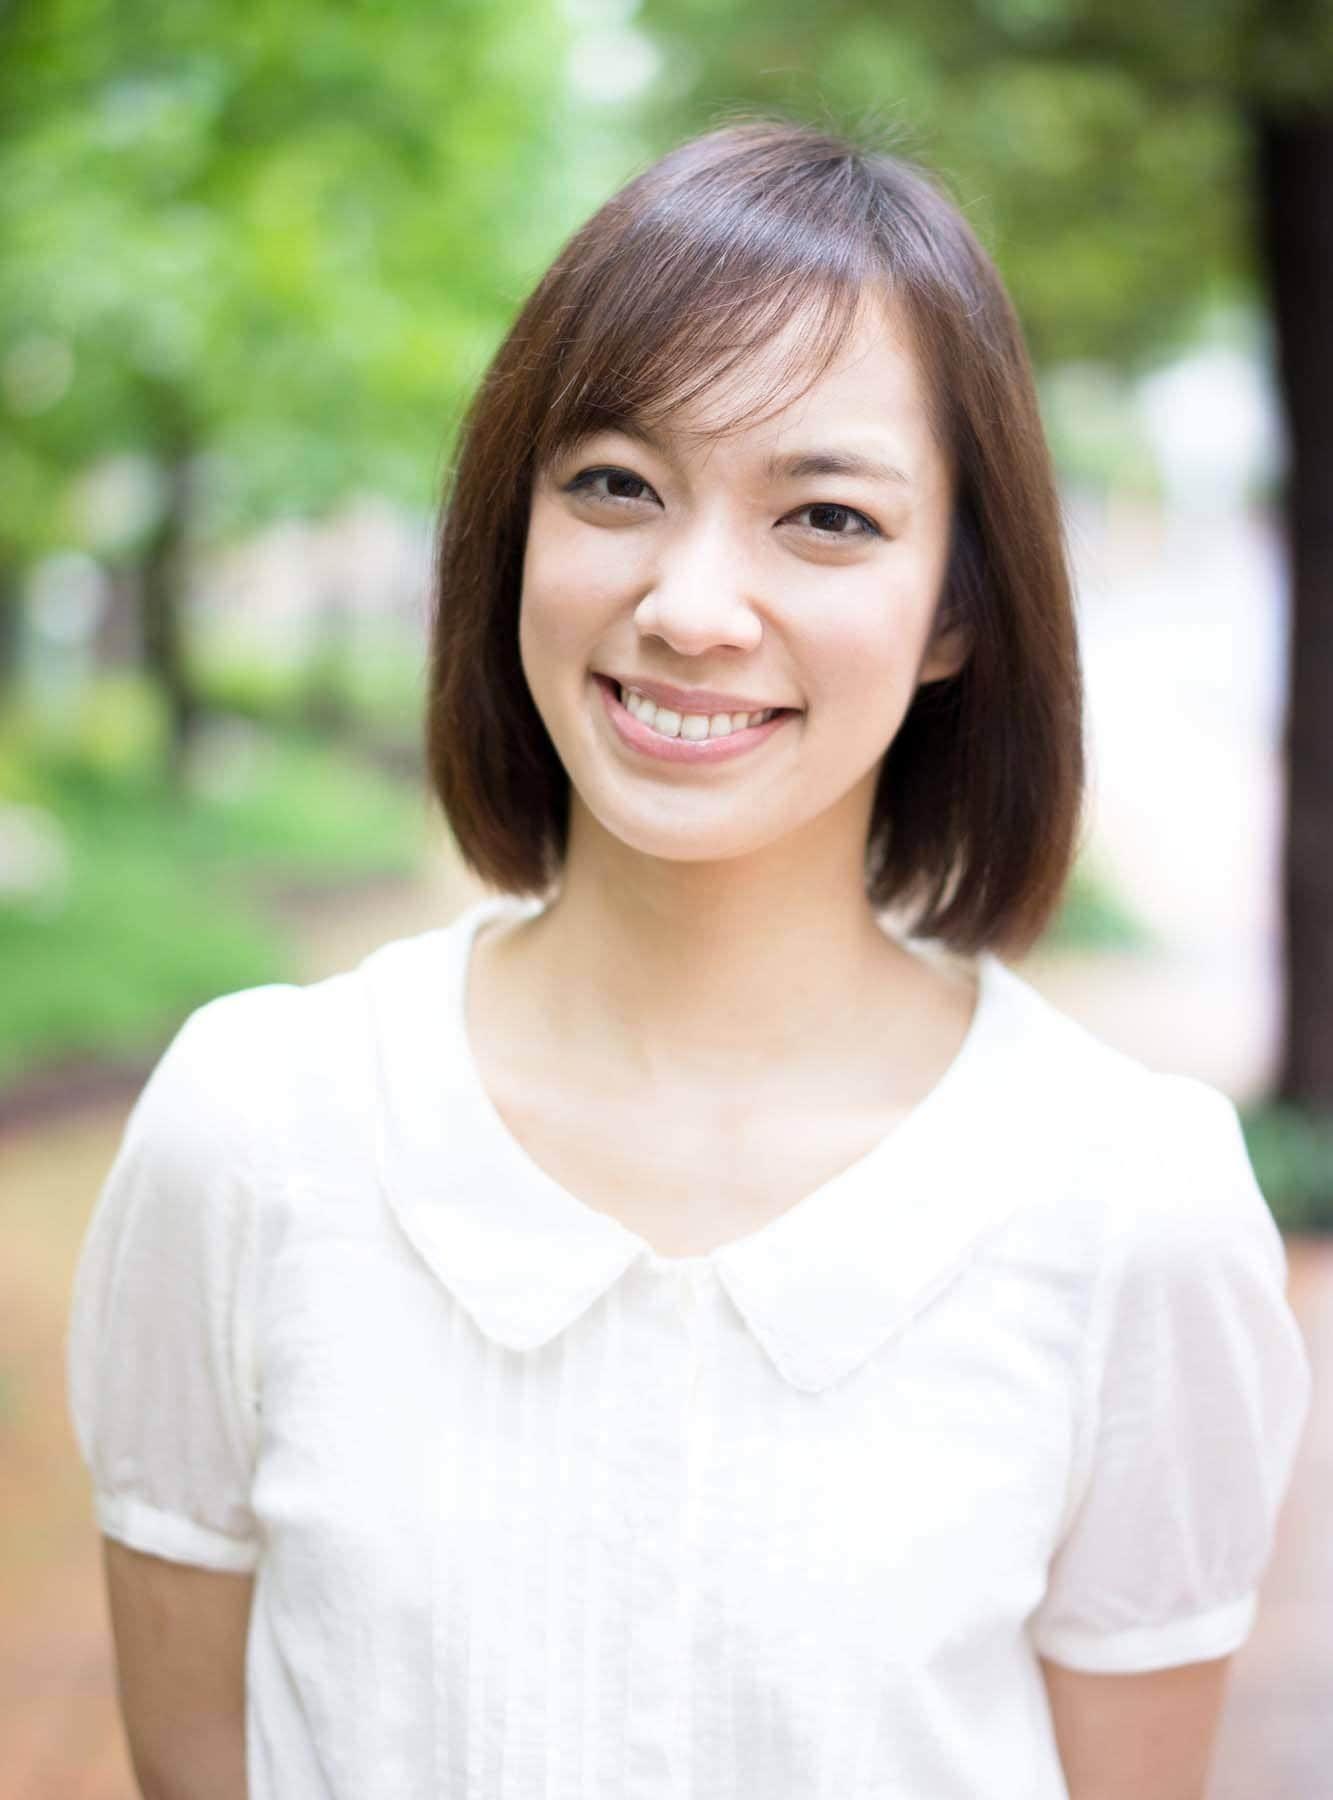 ผู้หญิงเอเชีย ผมบ๊อบ เสื้อสีขาว